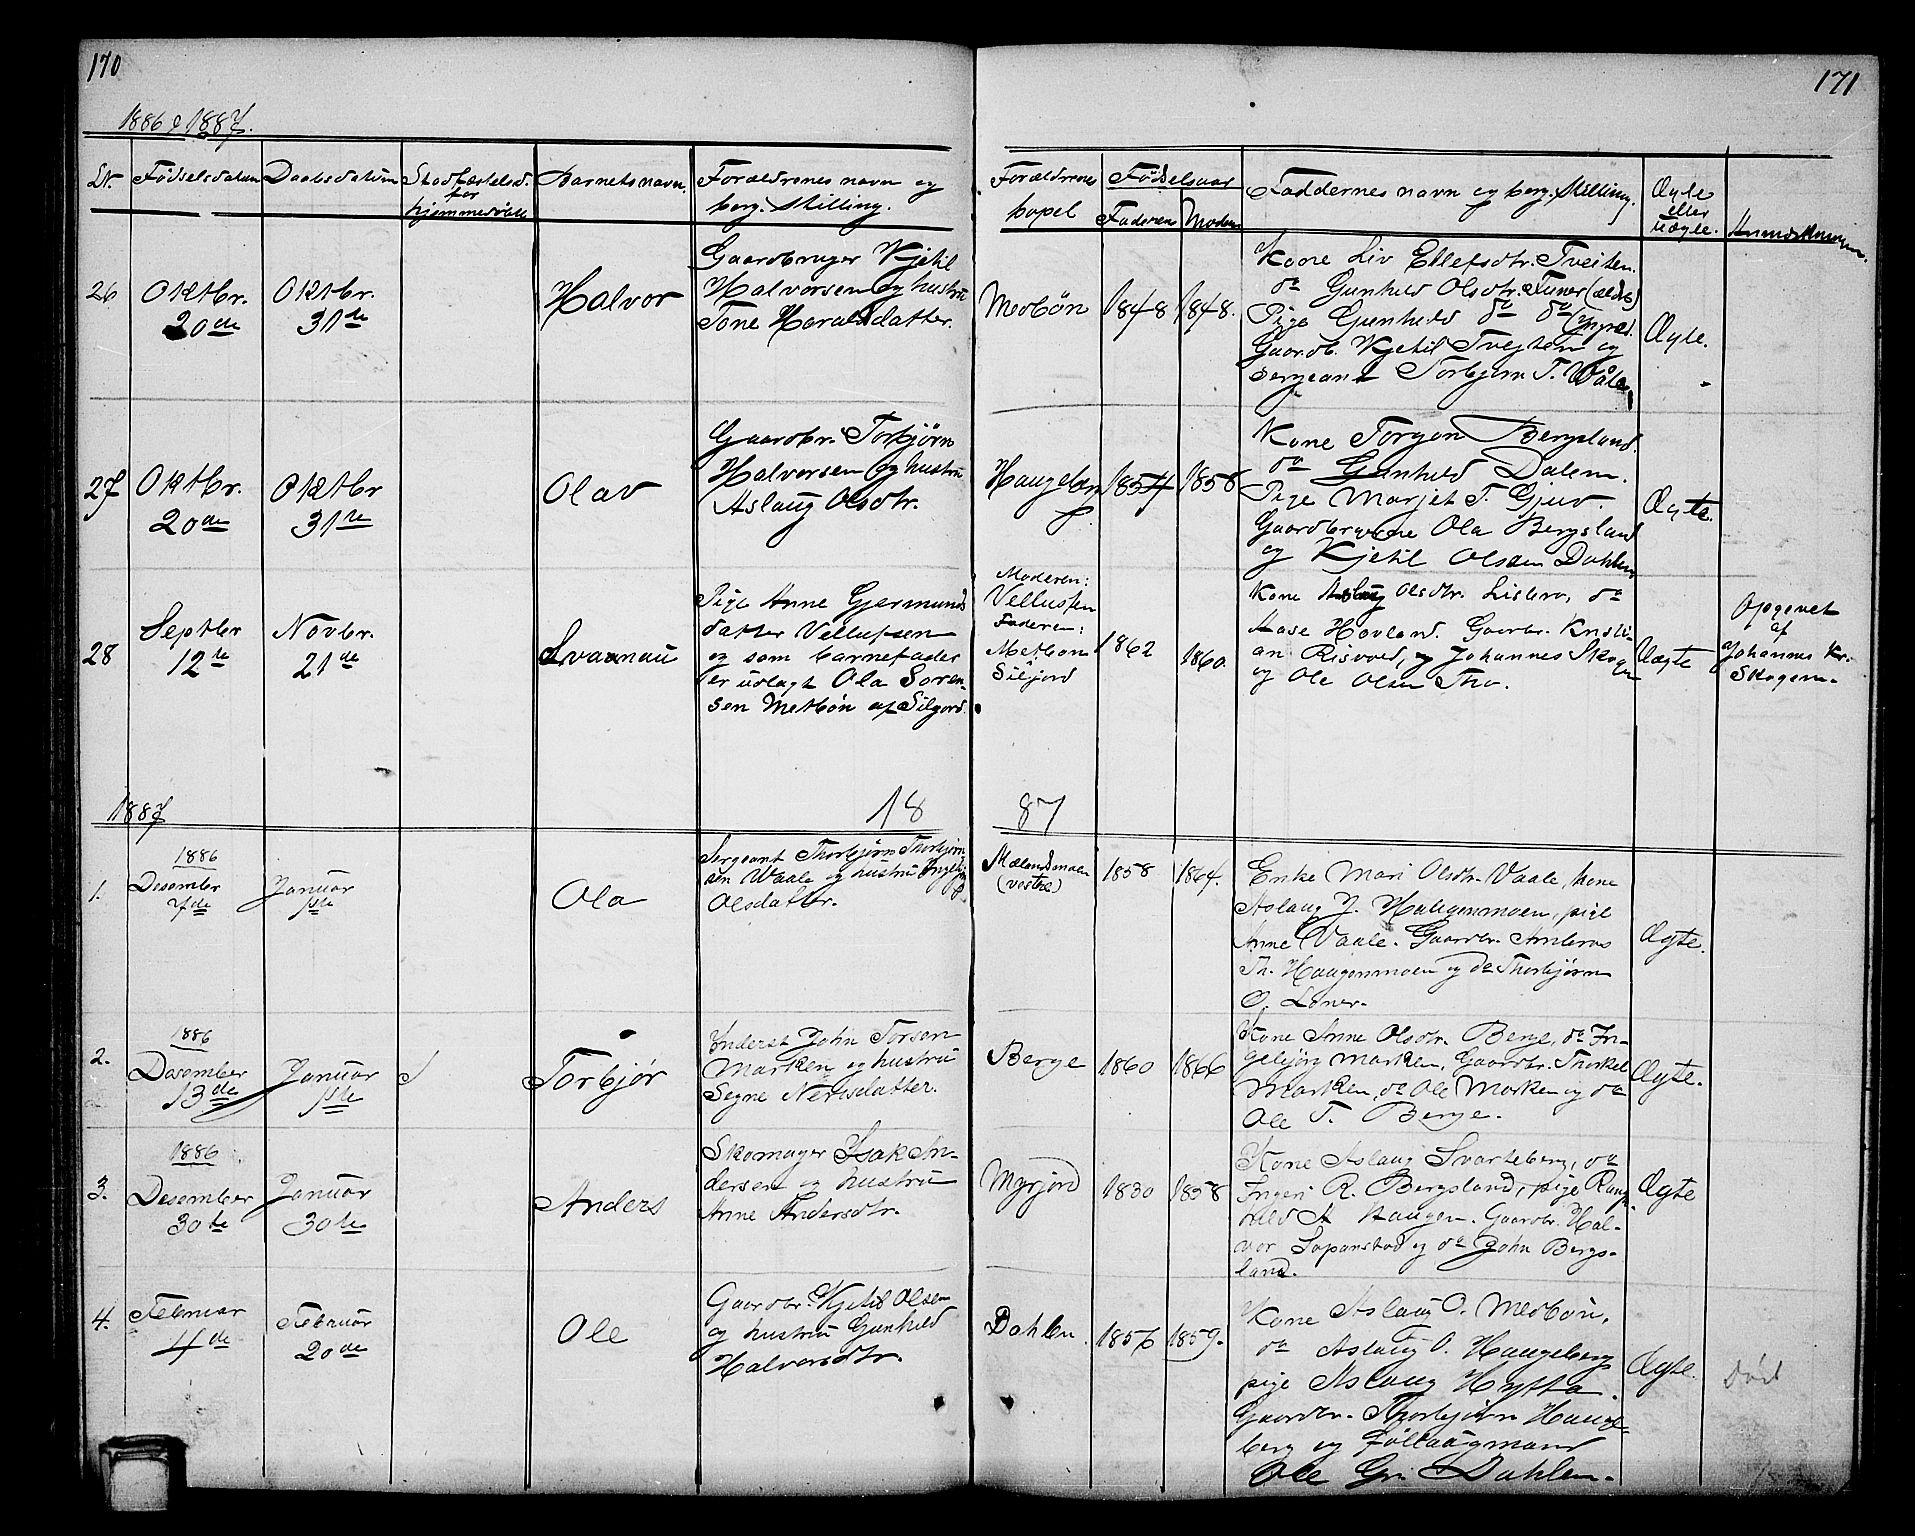 SAKO, Hjartdal kirkebøker, G/Ga/L0002: Klokkerbok nr. I 2, 1854-1888, s. 170-171